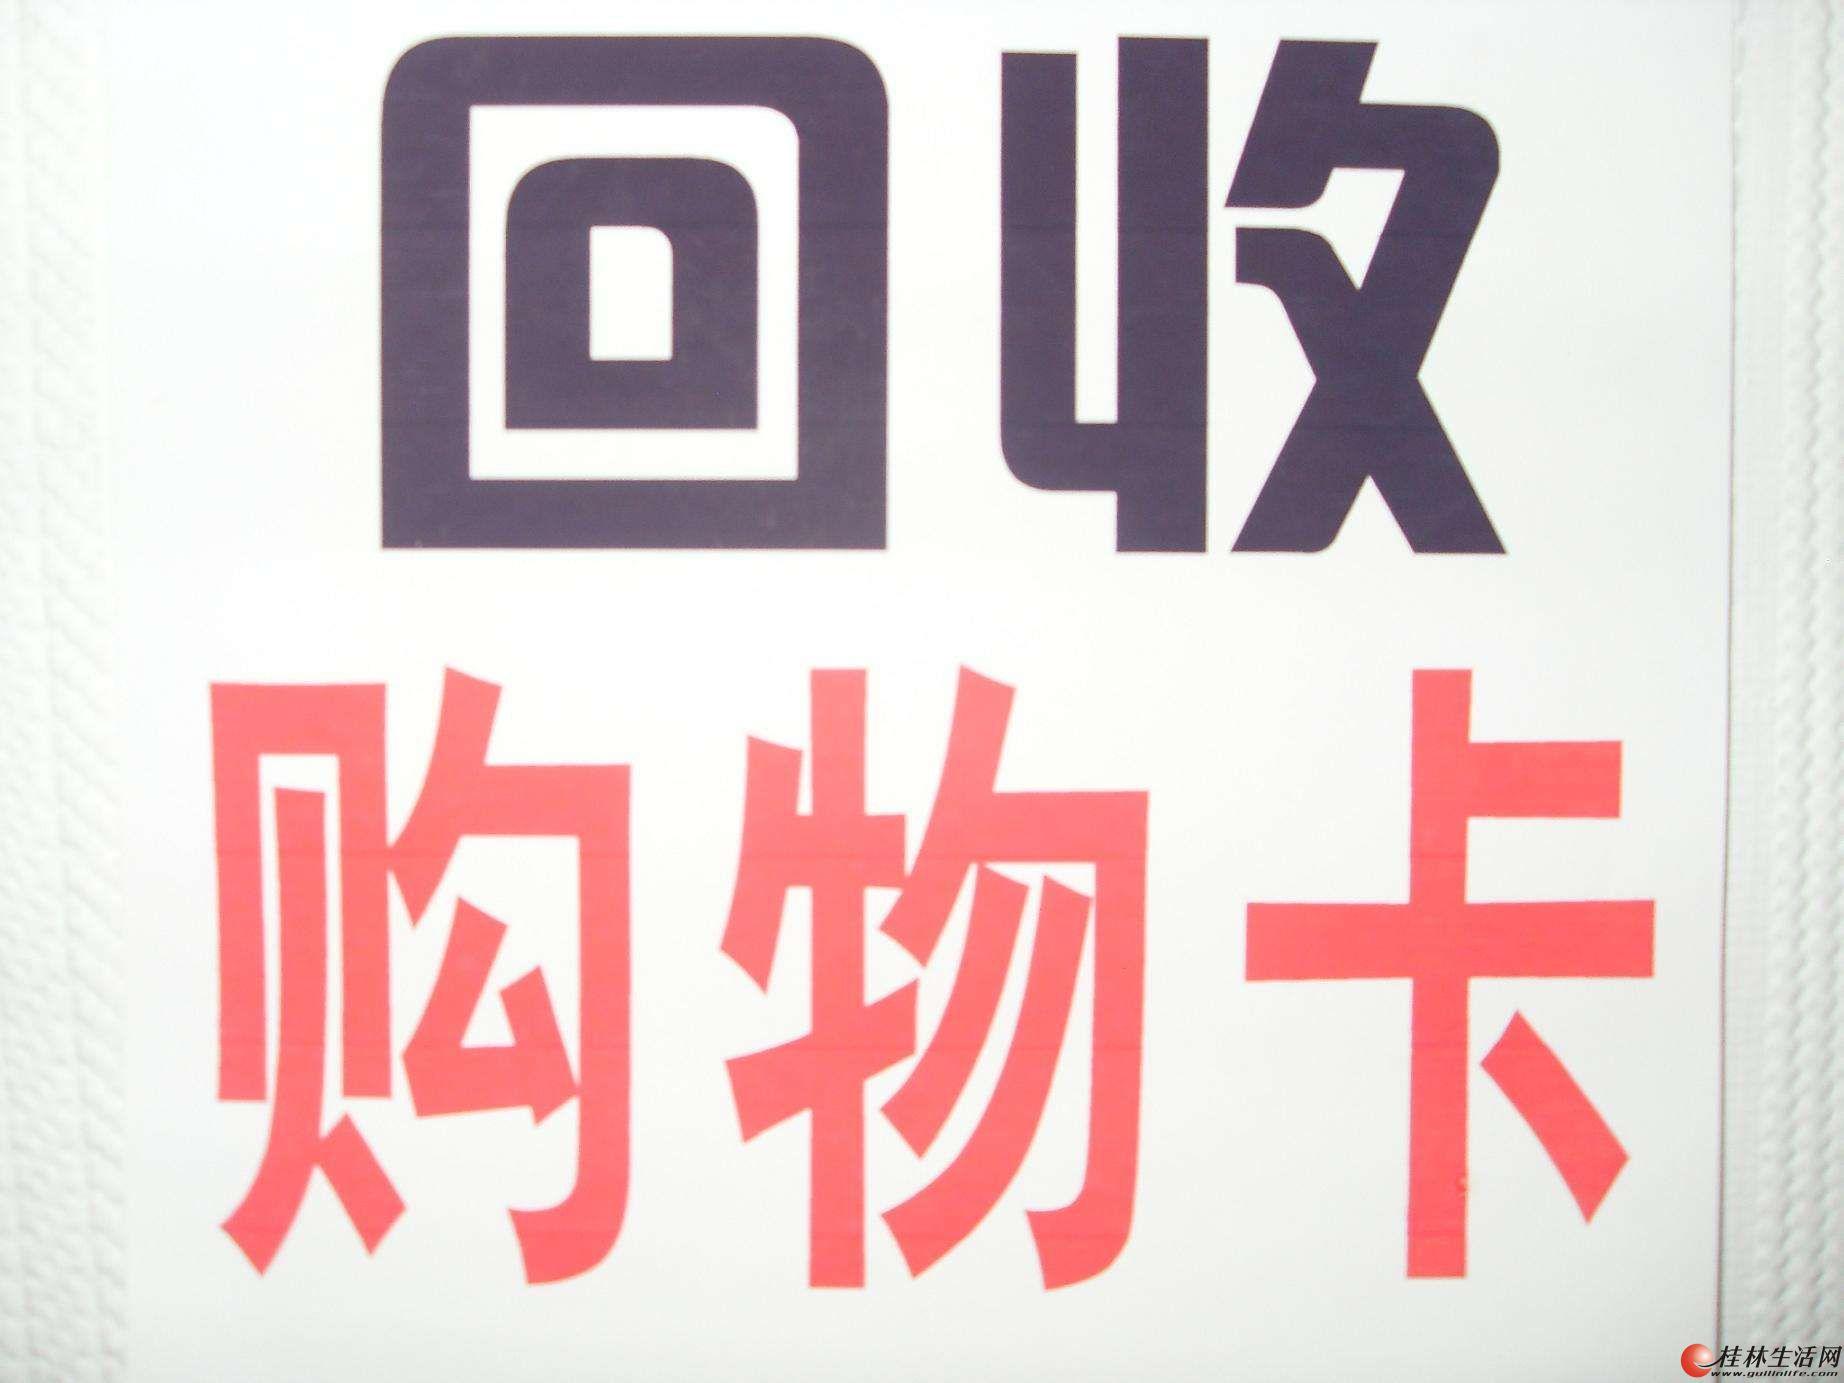 13657883957桂林回收沃尔玛购物卡 微笑堂购物卡;百货大楼购物卡